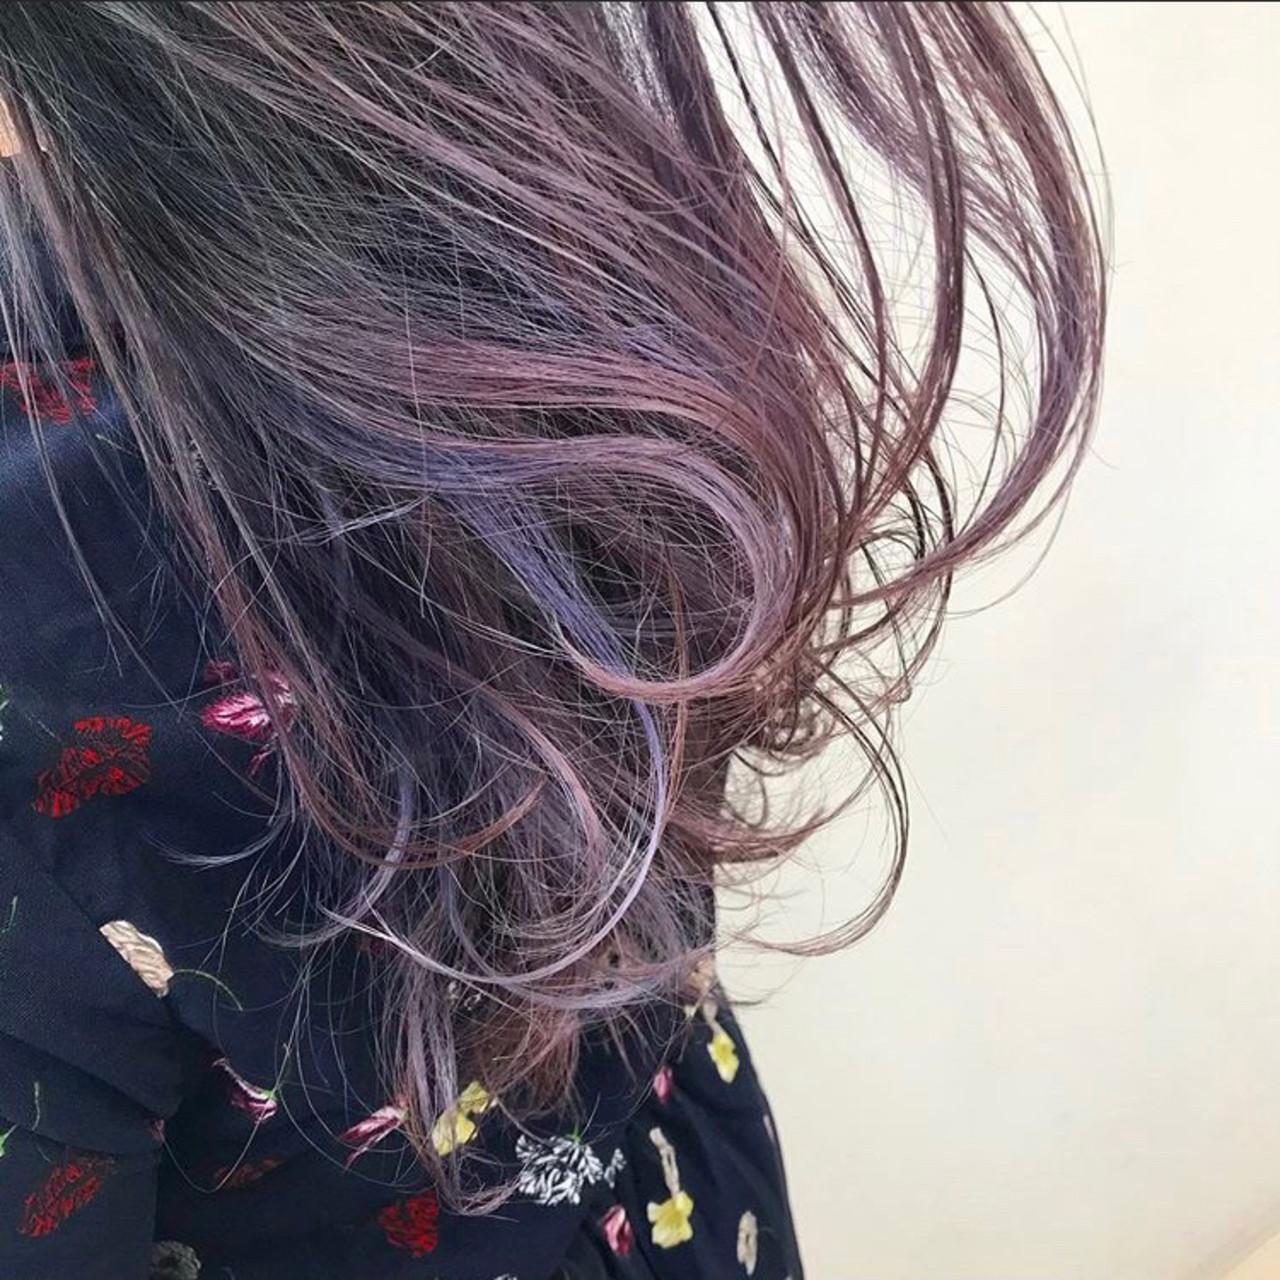 ラベンダーピンク ラベンダーグレージュ 暖色系グレージュ ミディアム ヘアスタイルや髪型の写真・画像 | 【 ALIVE 】MAYUKI / ALIVE kichijoji